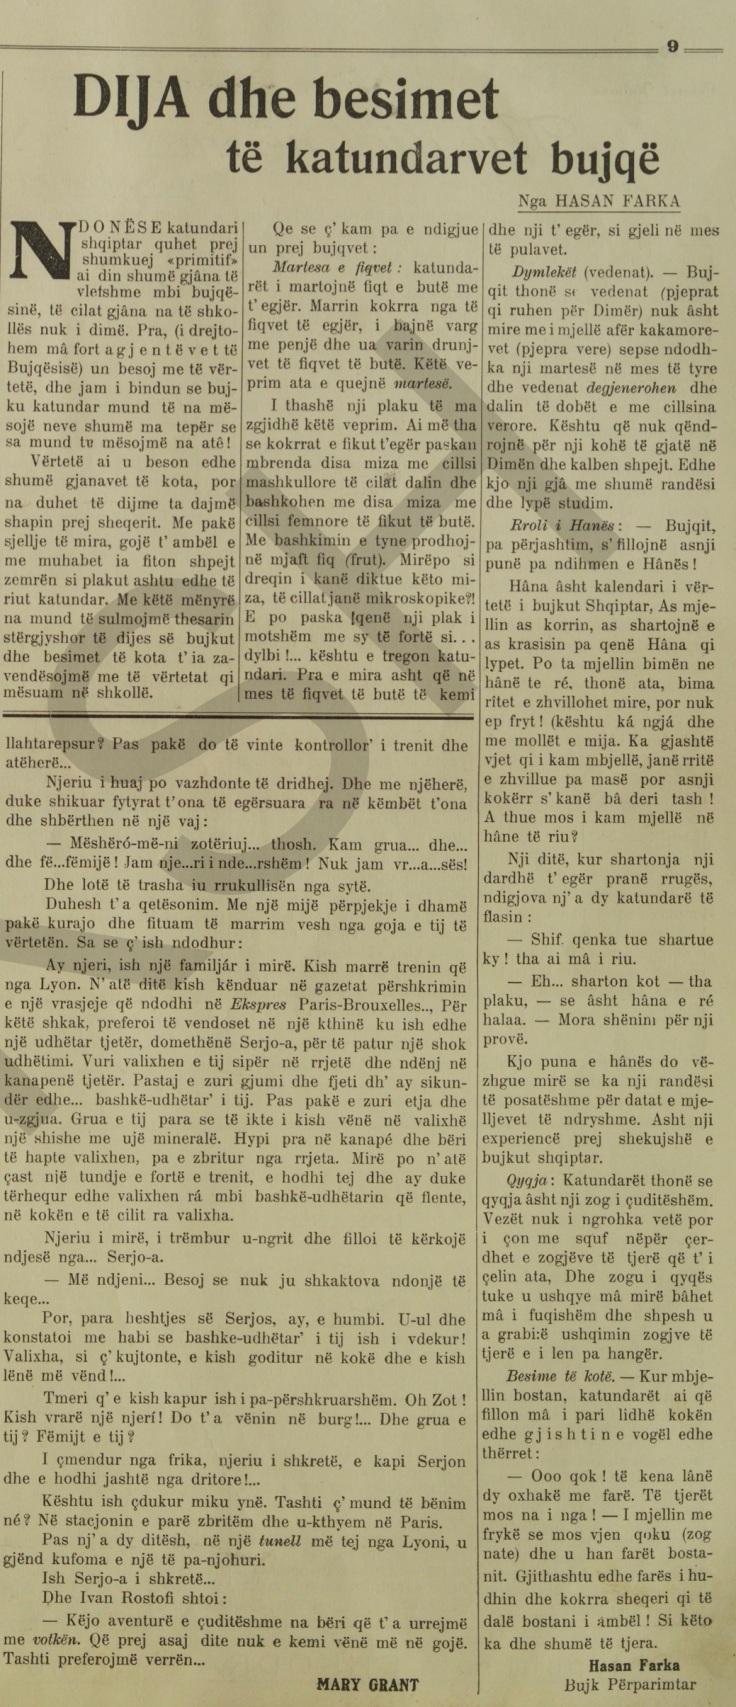 Java 1938-39 DIJA dhe besimet të katundarvet bujqë - Nga HASAN FARKA